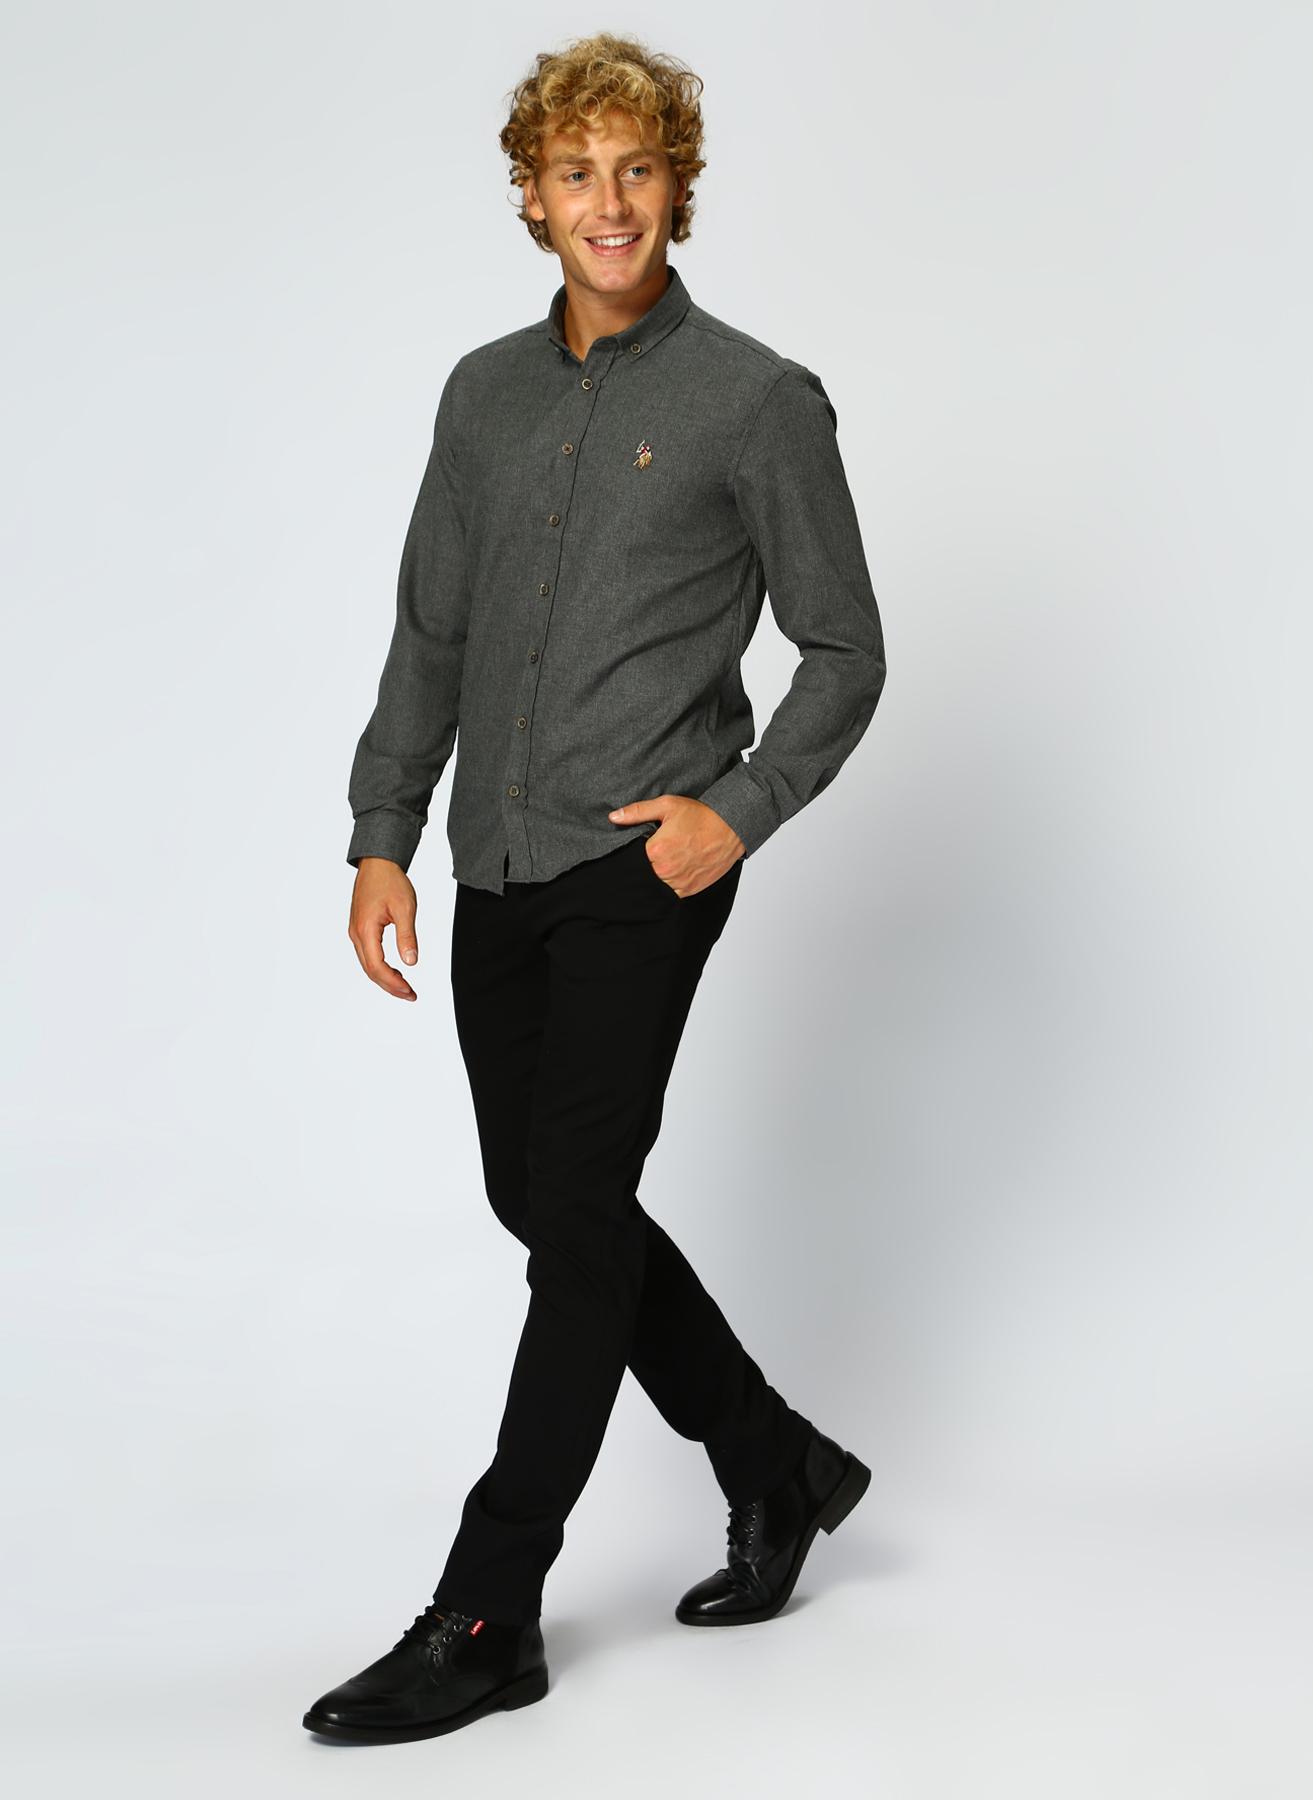 U.S. Polo Assn. Siyah Klasik Pantolon 31 5001704776001 Ürün Resmi